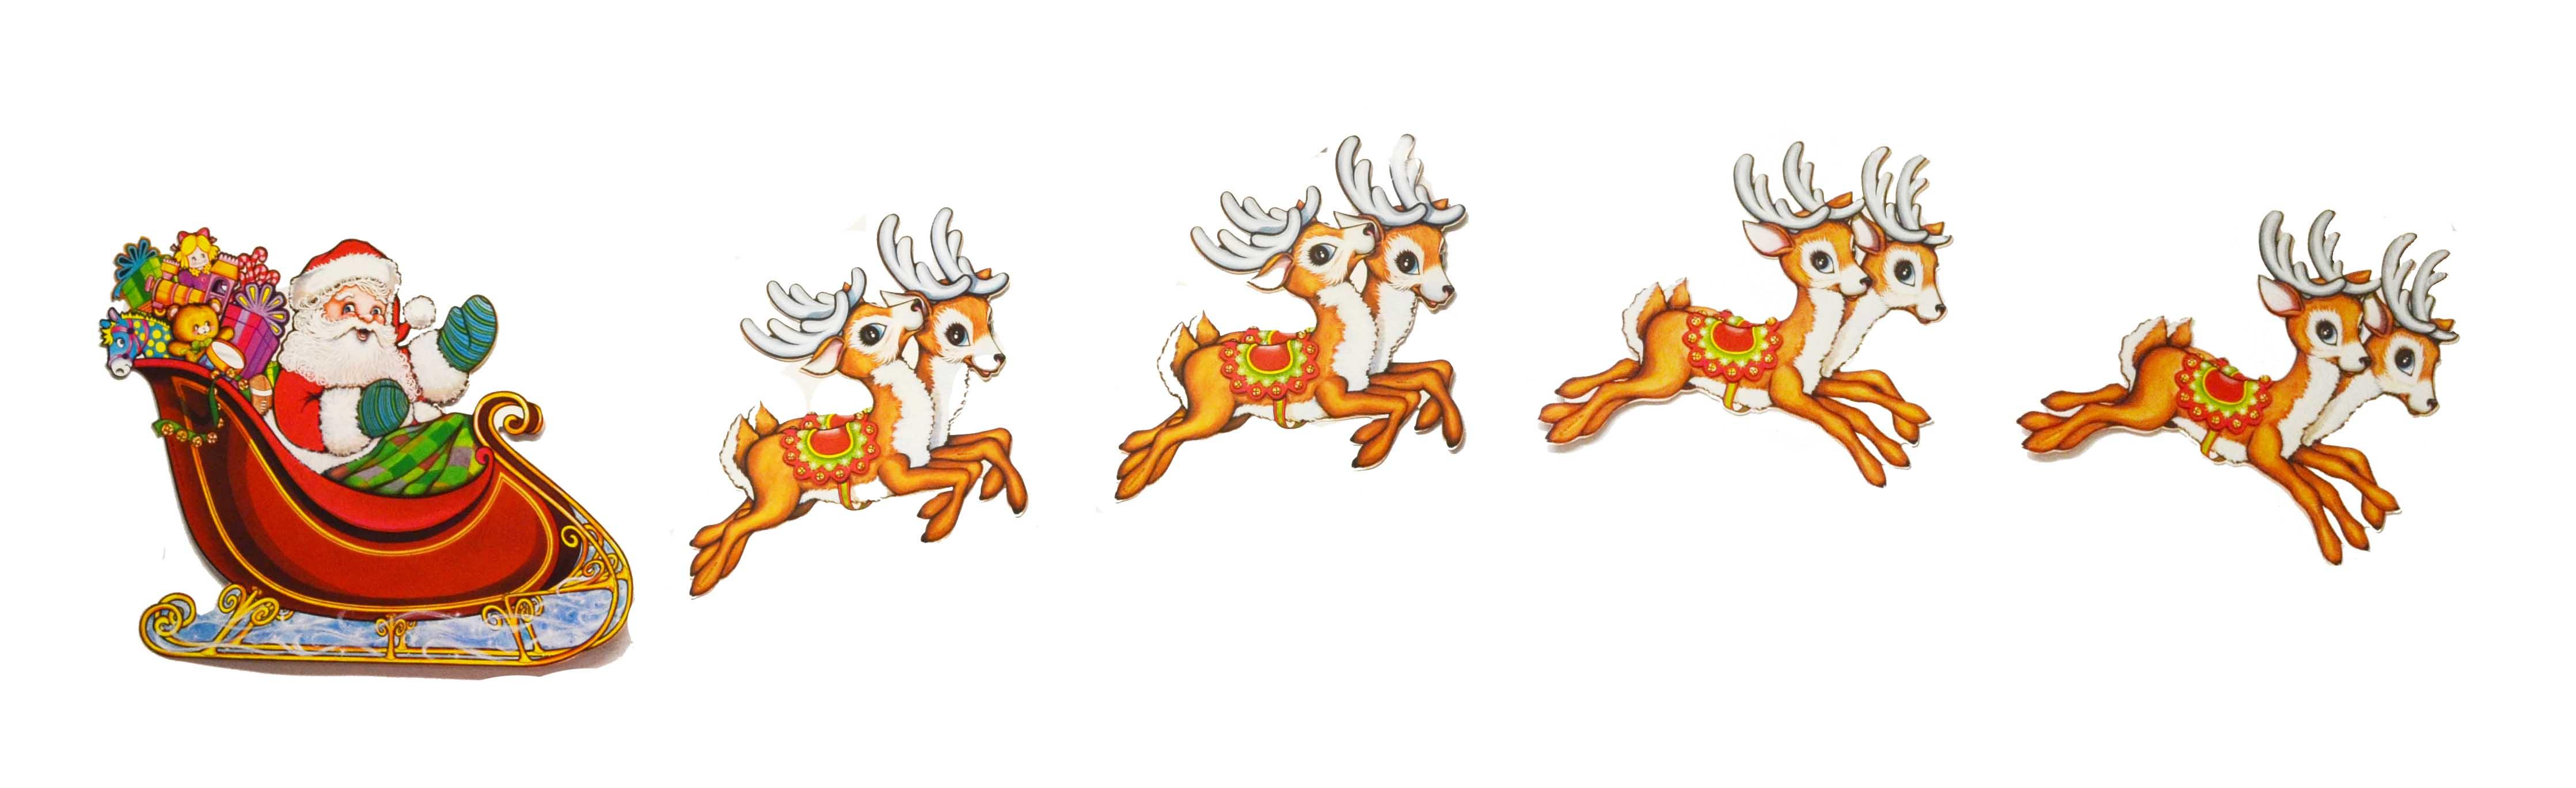 Santa clipart flying #4